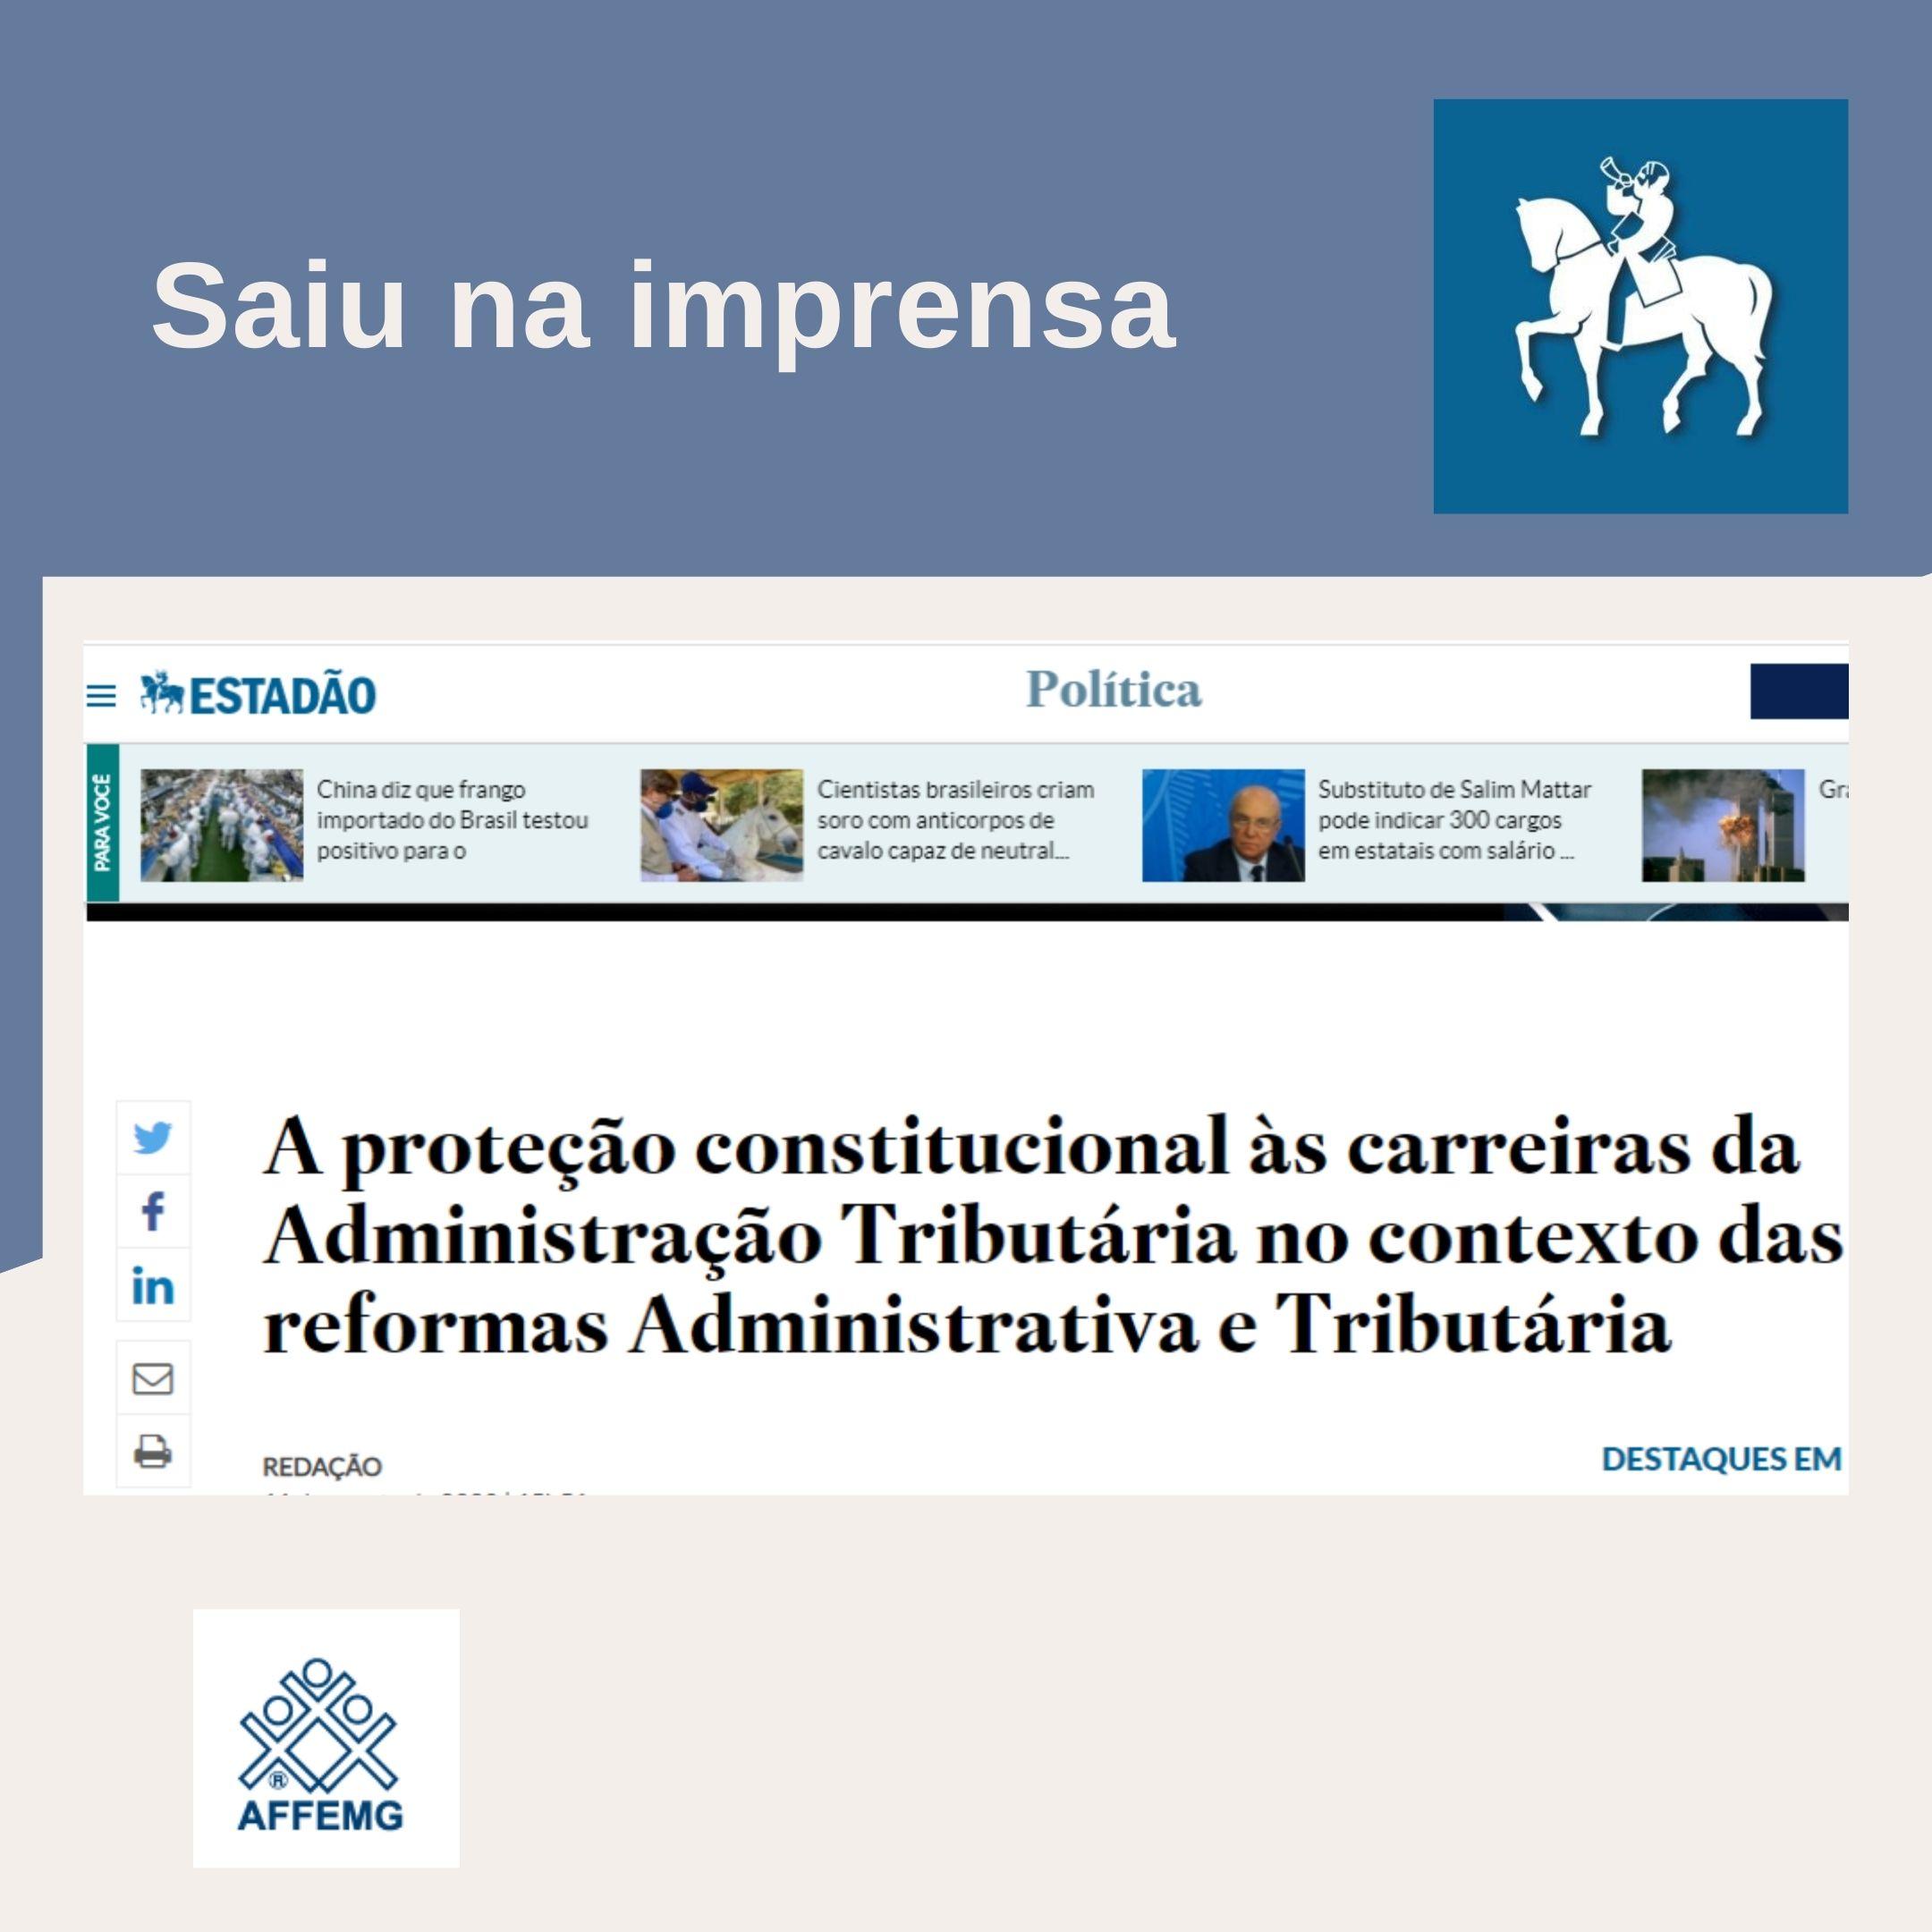 A proteção constitucional às carreiras da Administração Tributária no contexto das reformas Administrativa e Tributária